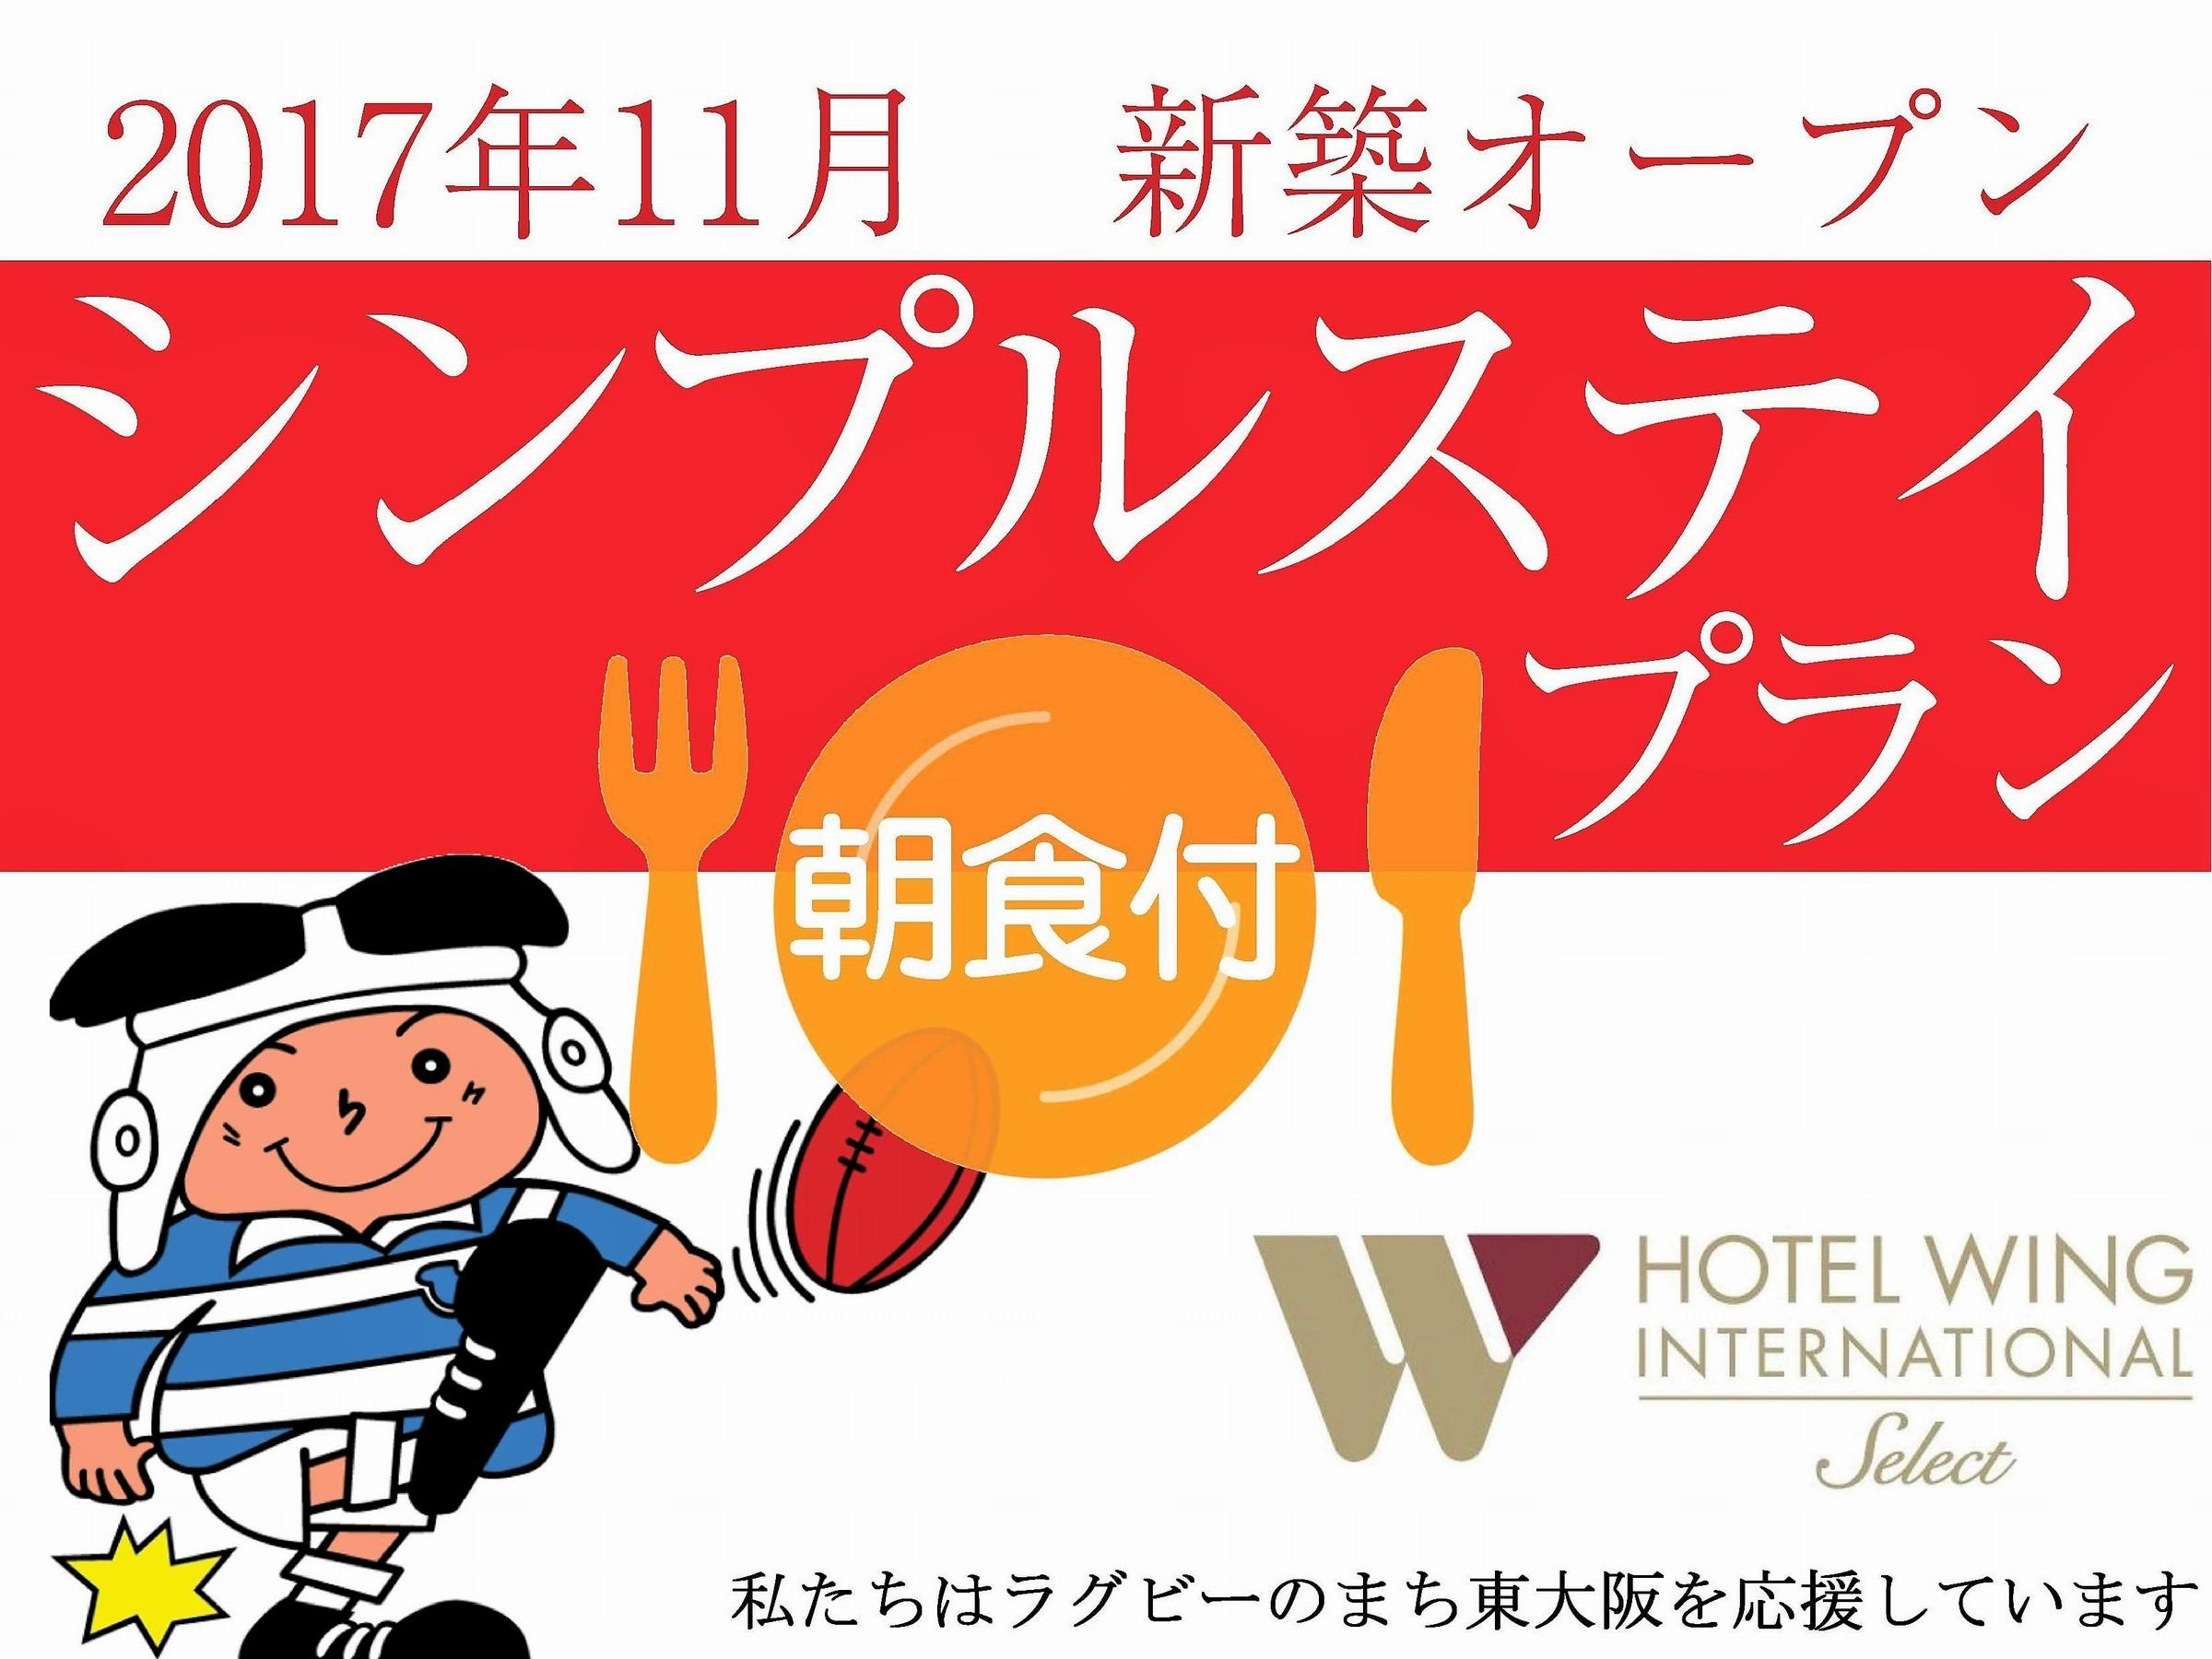 ホテルウィングインターナショナルセレクト東大阪 / 【朝食バイキング付】地下鉄中央線「長田駅」の目の前!大阪中心部へのアクセス◎出張・観光の拠点にも!